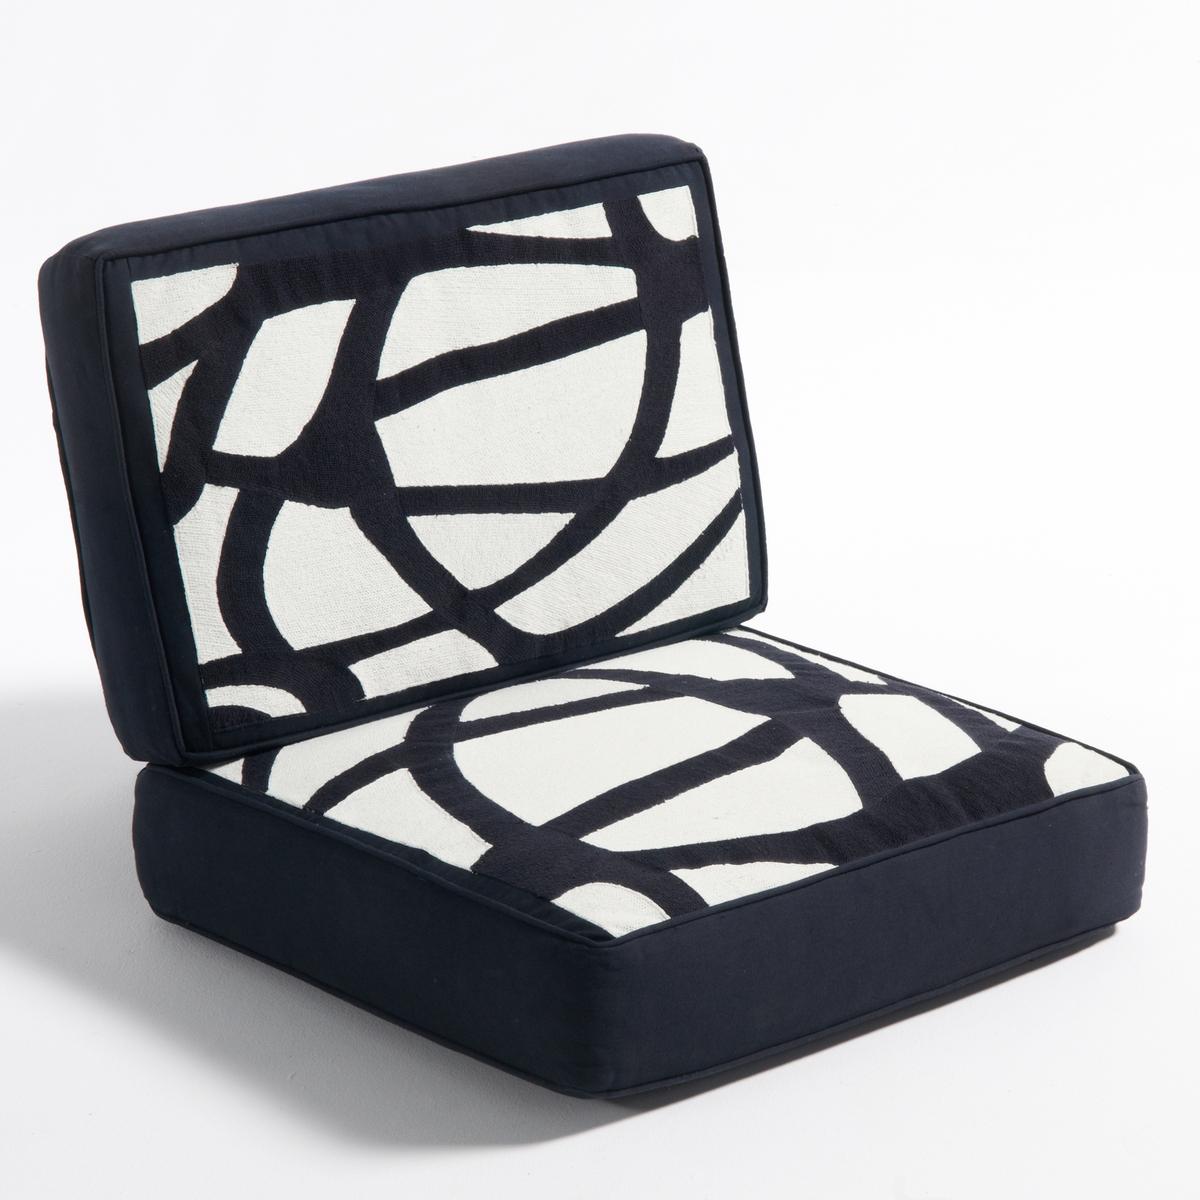 Подушка из хлопка для кресла DilmaLa Redoute<br>Подушки для кресла Dilma.Сочетается с каркасом Dilma для создания удобного и простого в уходе кресла.Материал : - Чехол: полотно из хлопка- Наполнитель : полиэфирный пеноматериал 40 кг/м?, покрытие волокнами полиэстера. - Система крепления.- Чехлы подушек съемные Размеры :- Подушка для сиденья : Ш60 x В15 x Г58 см- Подушка под спину :  Ш58 x В10 x Г38 см<br><br>Цвет: экрю/черный